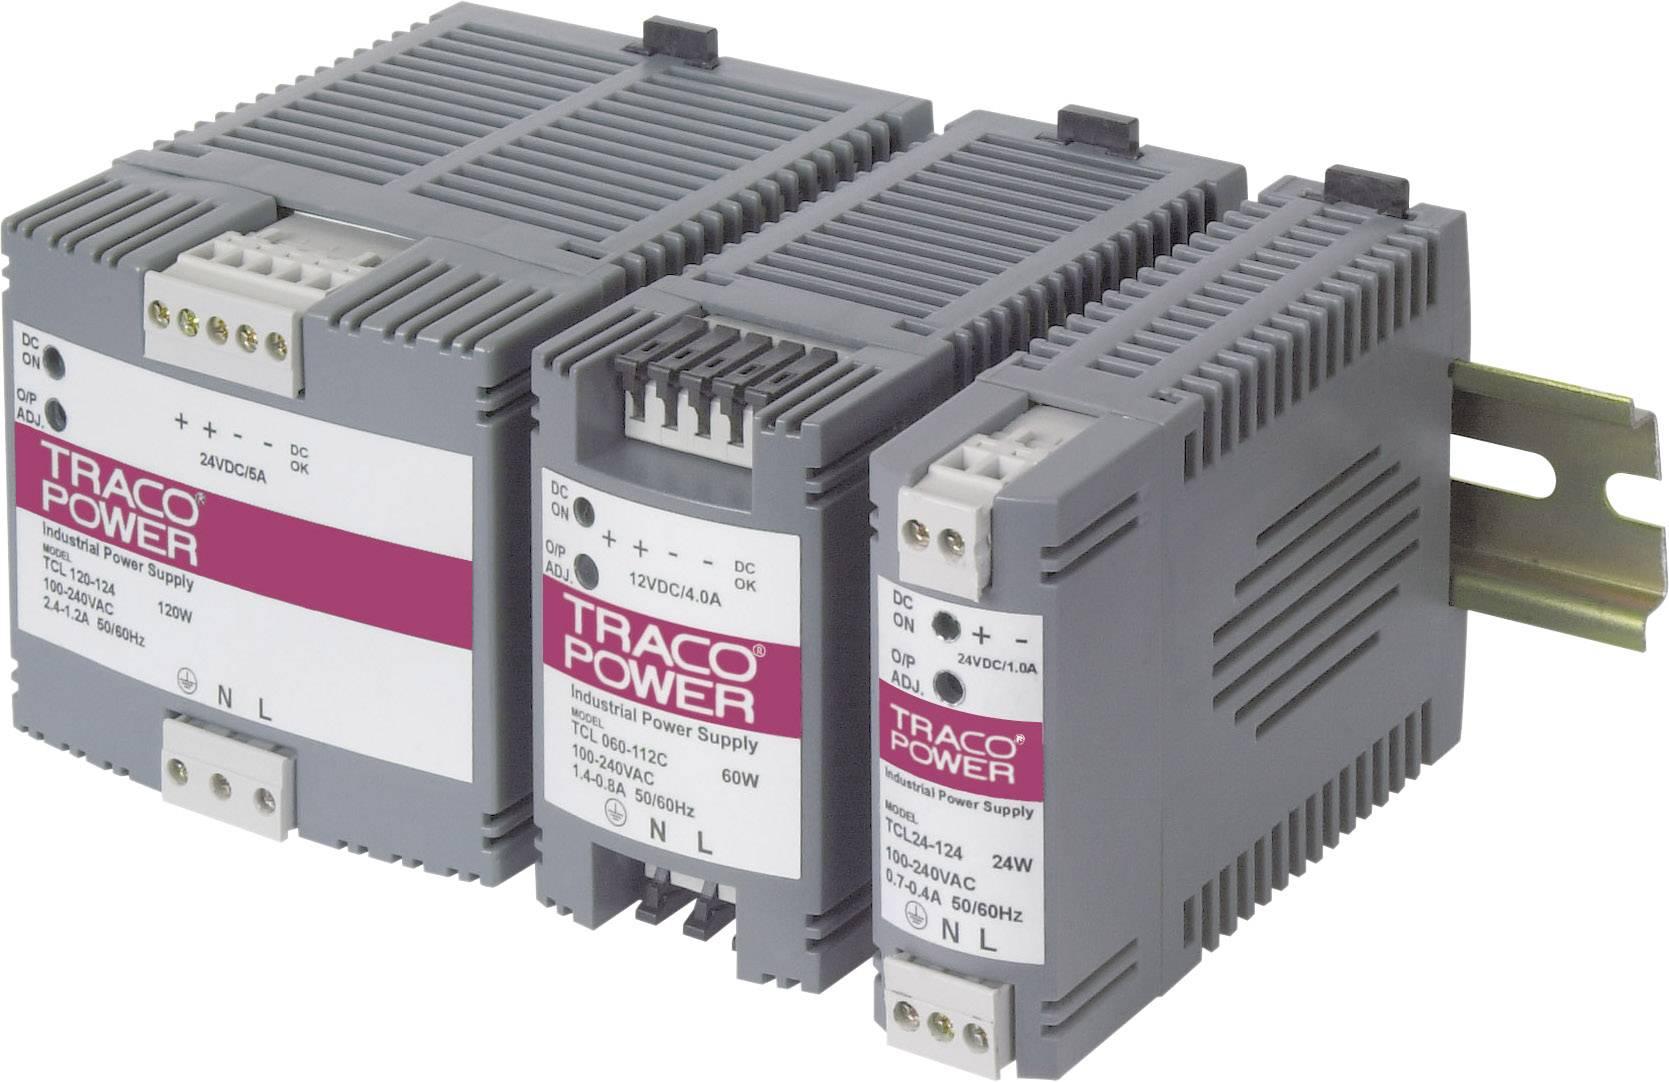 Sieťový zdroj na montážnu lištu (DIN lištu) TracoPower TCL 060-148, 1 x, 48 V/DC, 1.25 A, 60 W